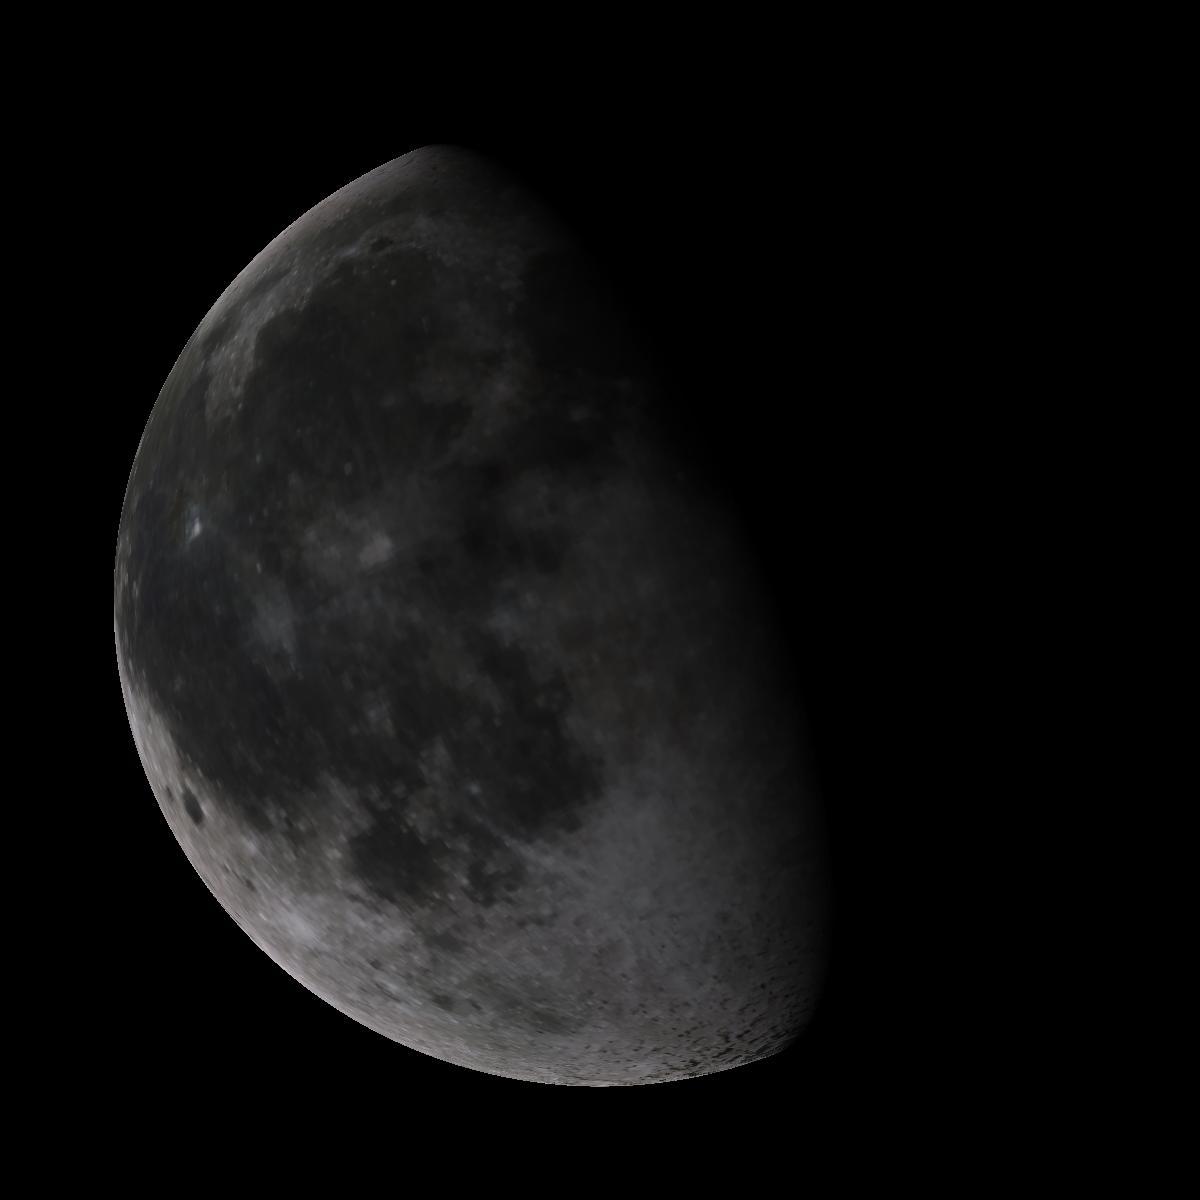 Lune du 16 janvier 2020